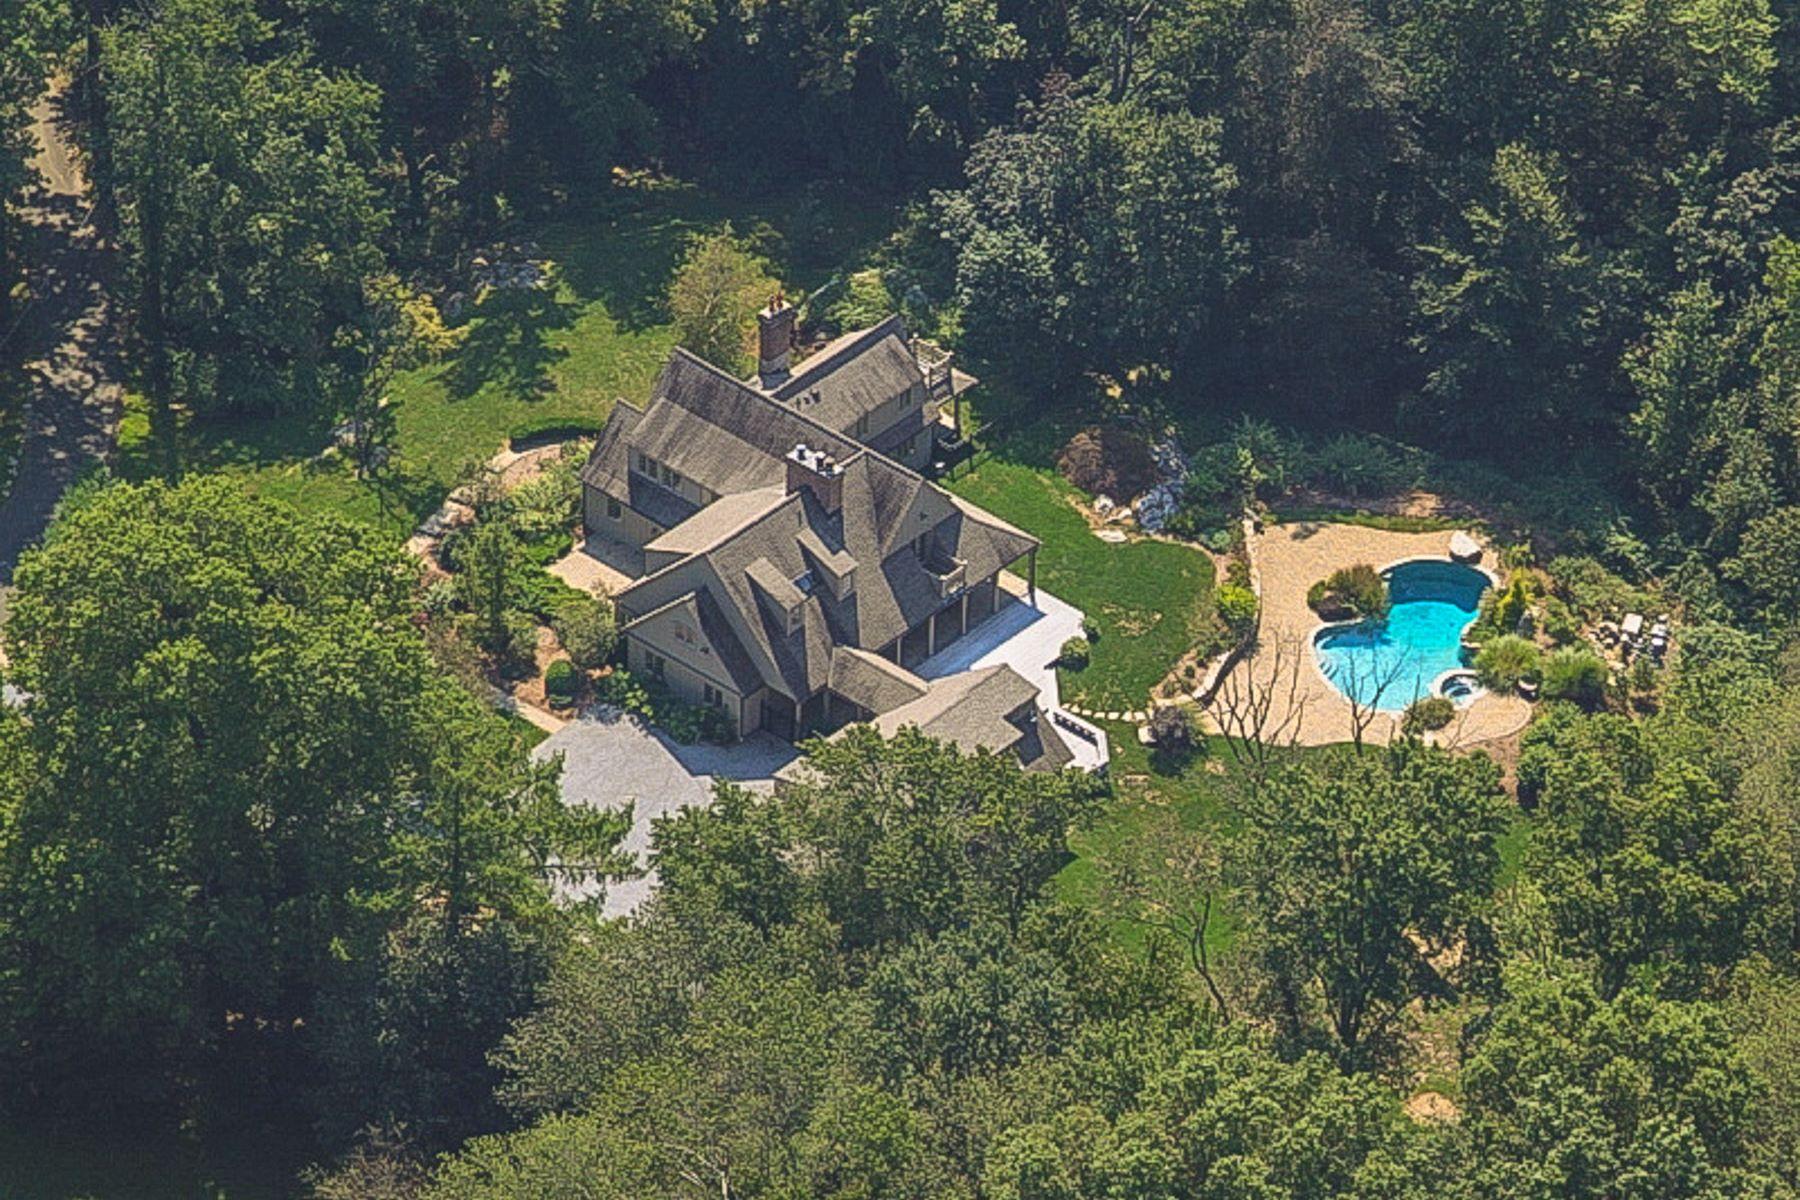 Частный односемейный дом для того Продажа на 3 Ridge Farms Road 3 Ridge Farms Road Norwalk, Коннектикут 06850 Соединенные Штаты